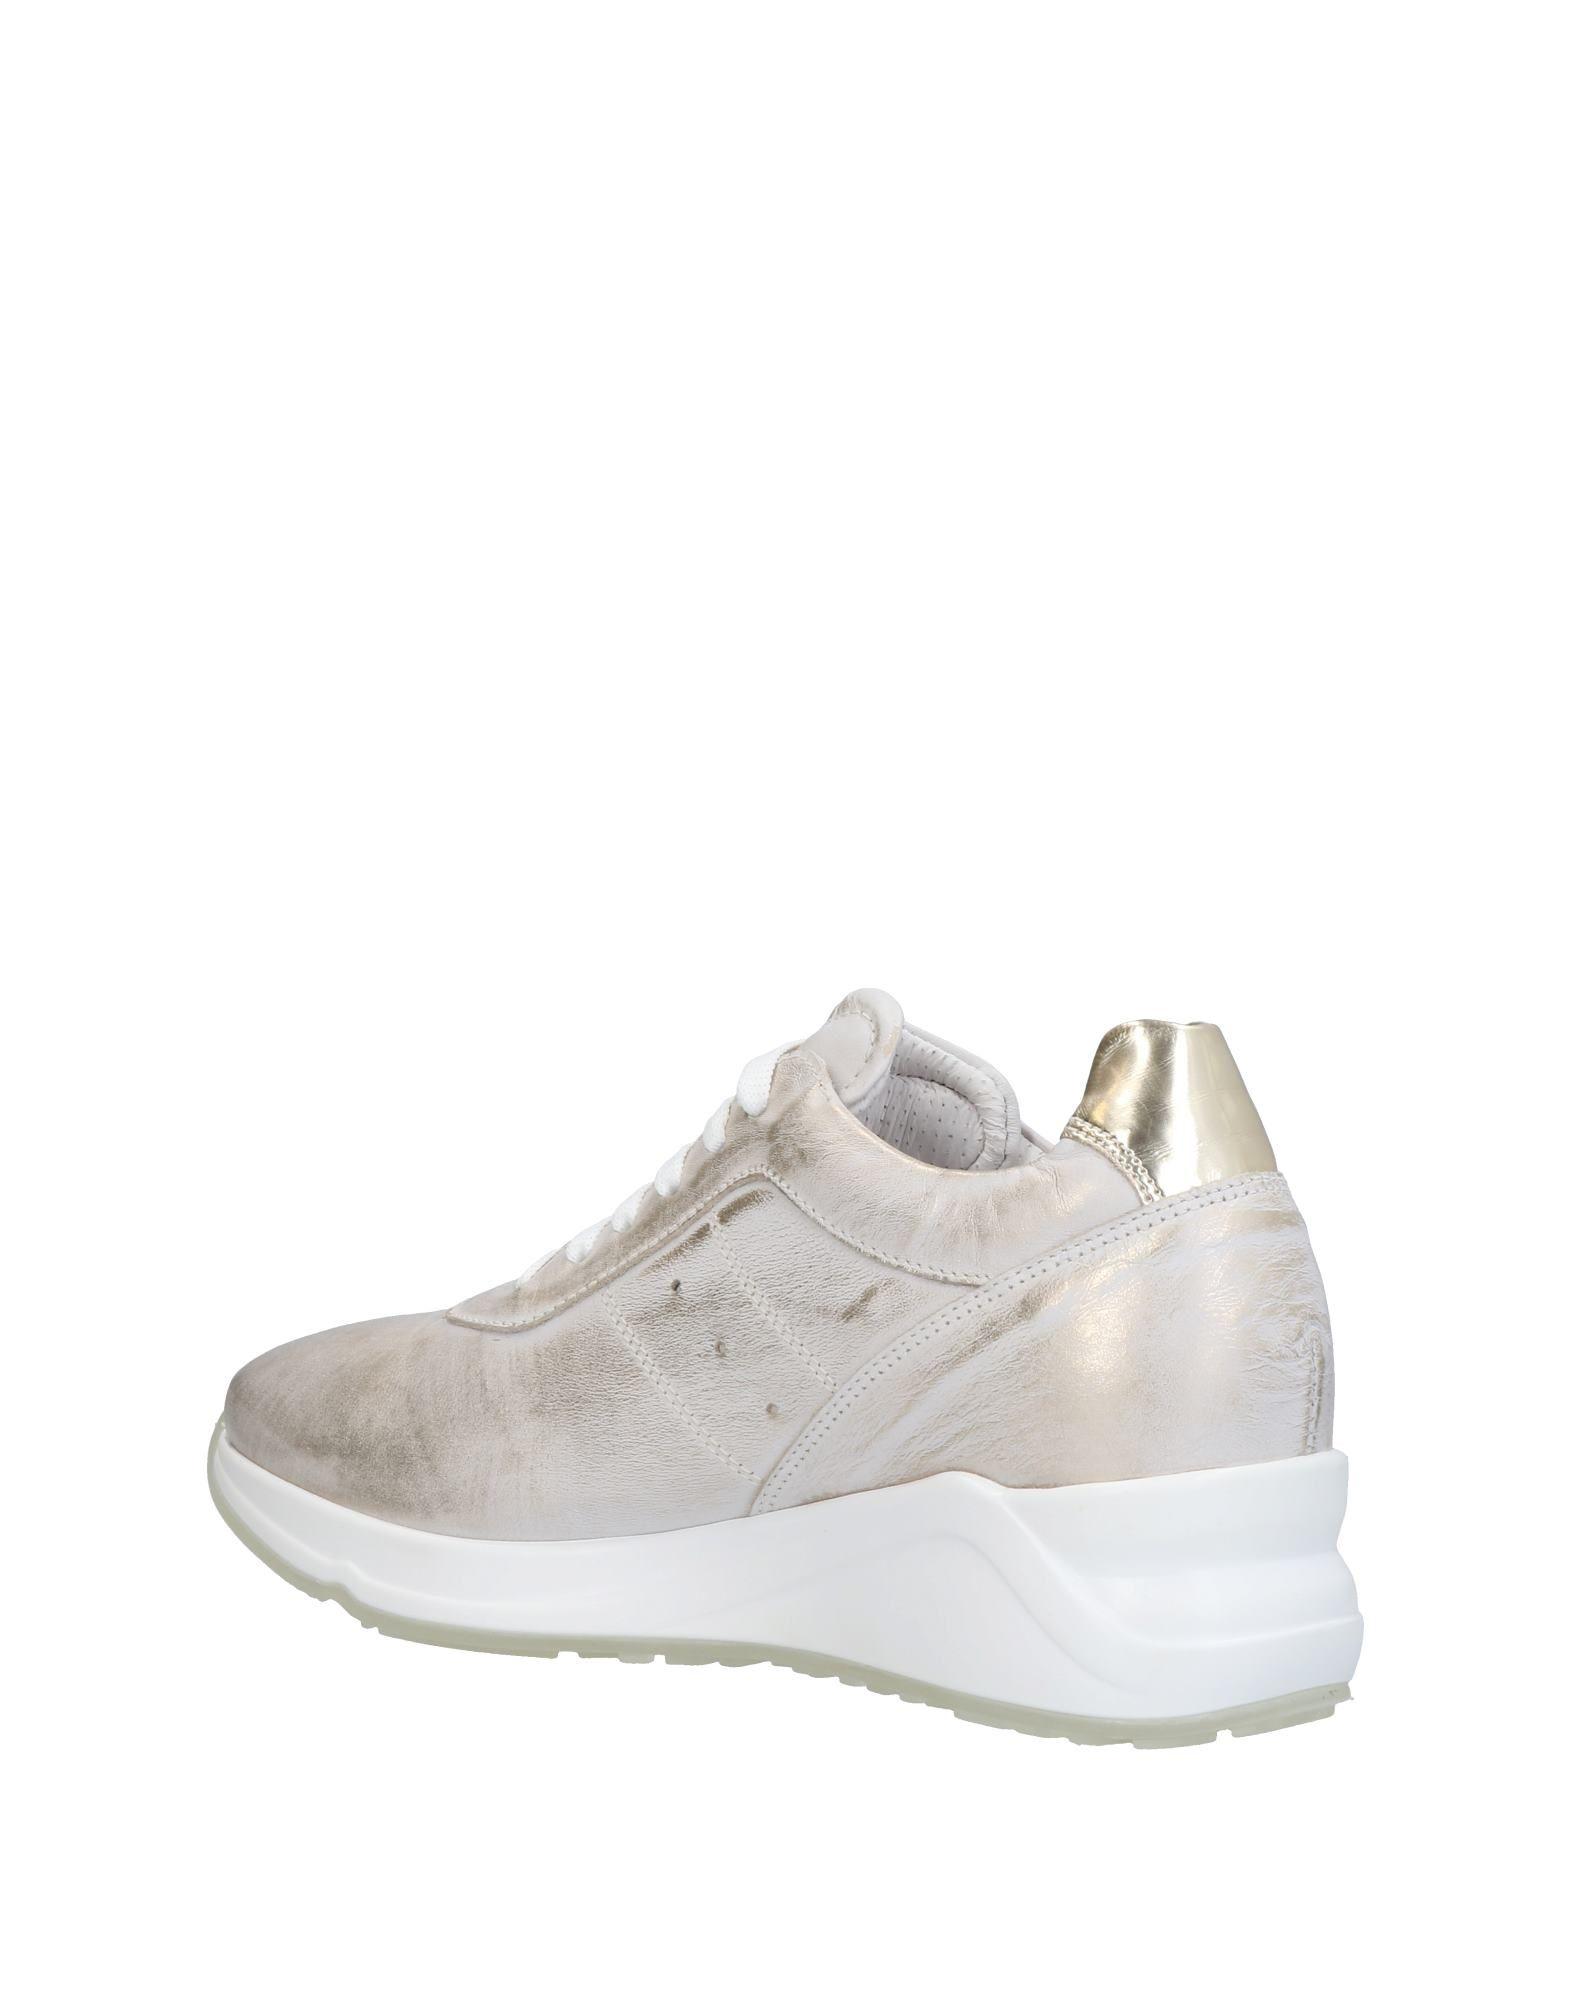 Andrea Andrea Andrea Morelli Sneakers Damen  11456898CS 9e9d51